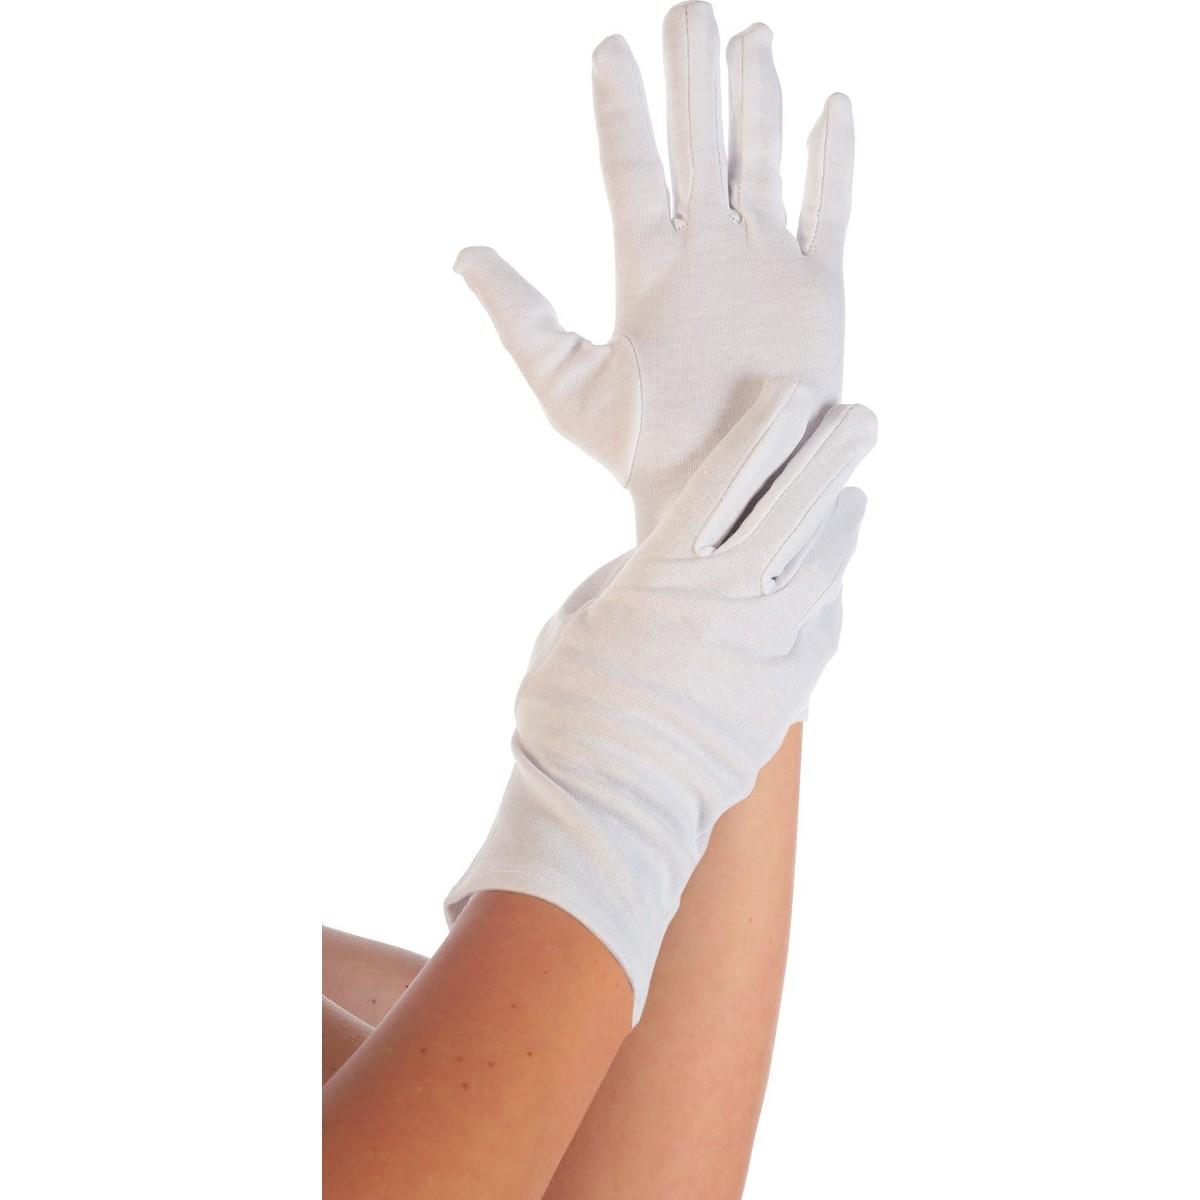 Baumwollhandschuh weiß Größe XL